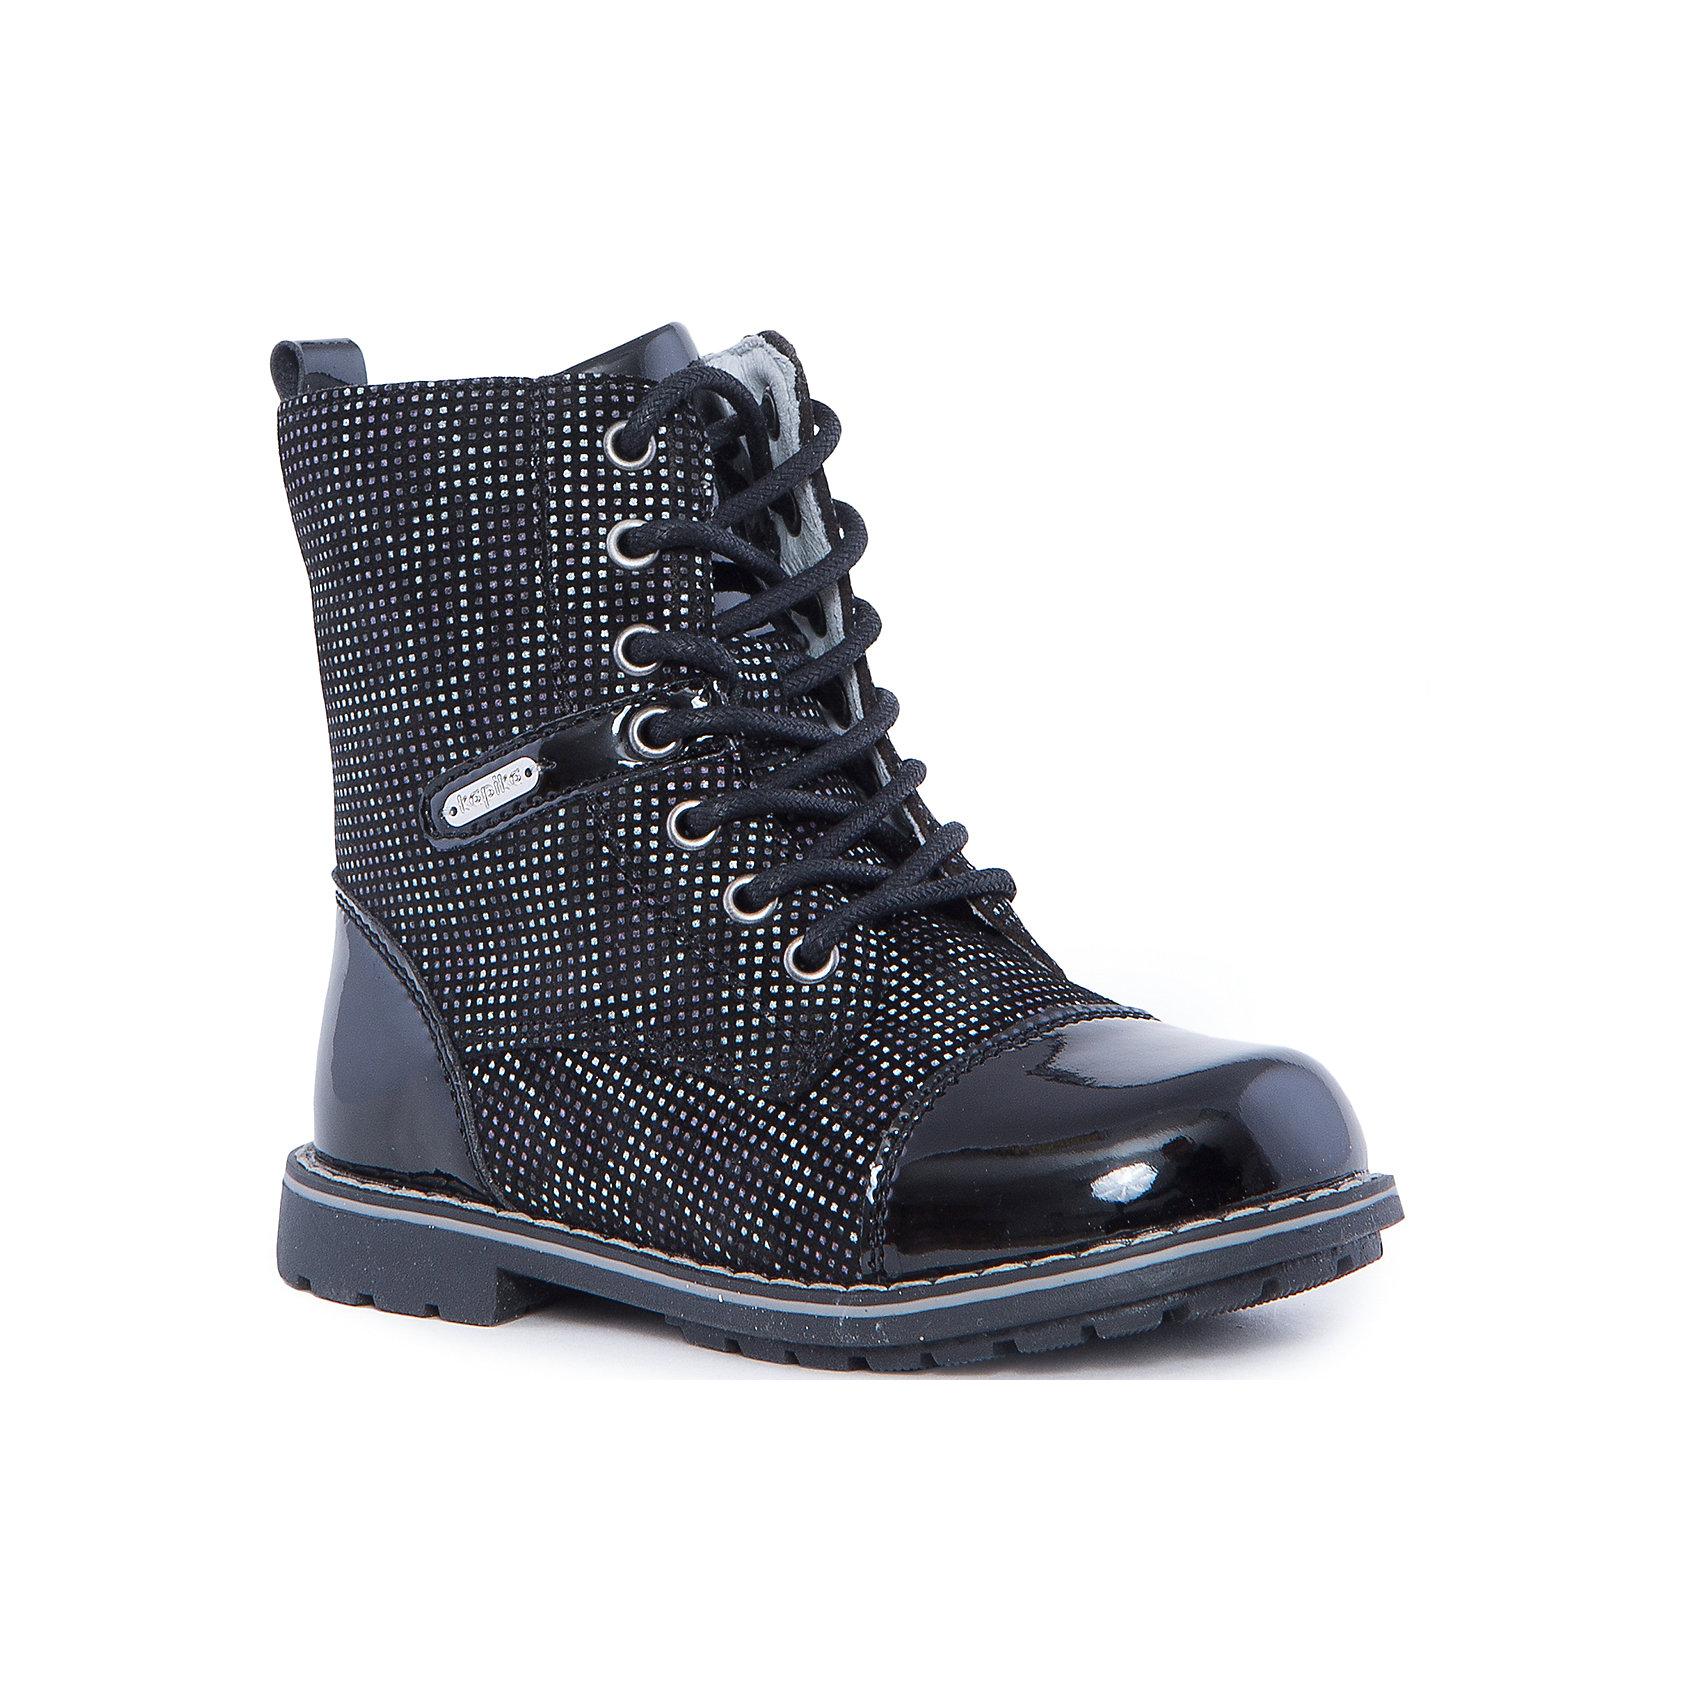 Ботинки для девочки KAPIKAБотинки<br>Ботинки для девочки KAPIKA – стиль, удобство и комфорт.<br>Красивые, высокие ботиночки из натуральной кожи сделаны со специальным супинатором, который делает носку комфортной. Стелька и подкладка также из натуральной кожи. Ботиночки застегиваются с помощью молнии. Можно регулировать полноту модели с помощью шнурков.<br><br>Дополнительная информация:<br><br>- материал верха: натуральная кожа, микрофибра<br>- материал подкладки: 80% шерсти<br>- цвет: черные<br><br>Ботинки для девочки KAPIKA можно купить в нашем интернет магазине.<br><br>Ширина мм: 262<br>Глубина мм: 176<br>Высота мм: 97<br>Вес г: 427<br>Цвет: черный<br>Возраст от месяцев: 24<br>Возраст до месяцев: 36<br>Пол: Женский<br>Возраст: Детский<br>Размер: 26,31,27,28,29,30<br>SKU: 4988053